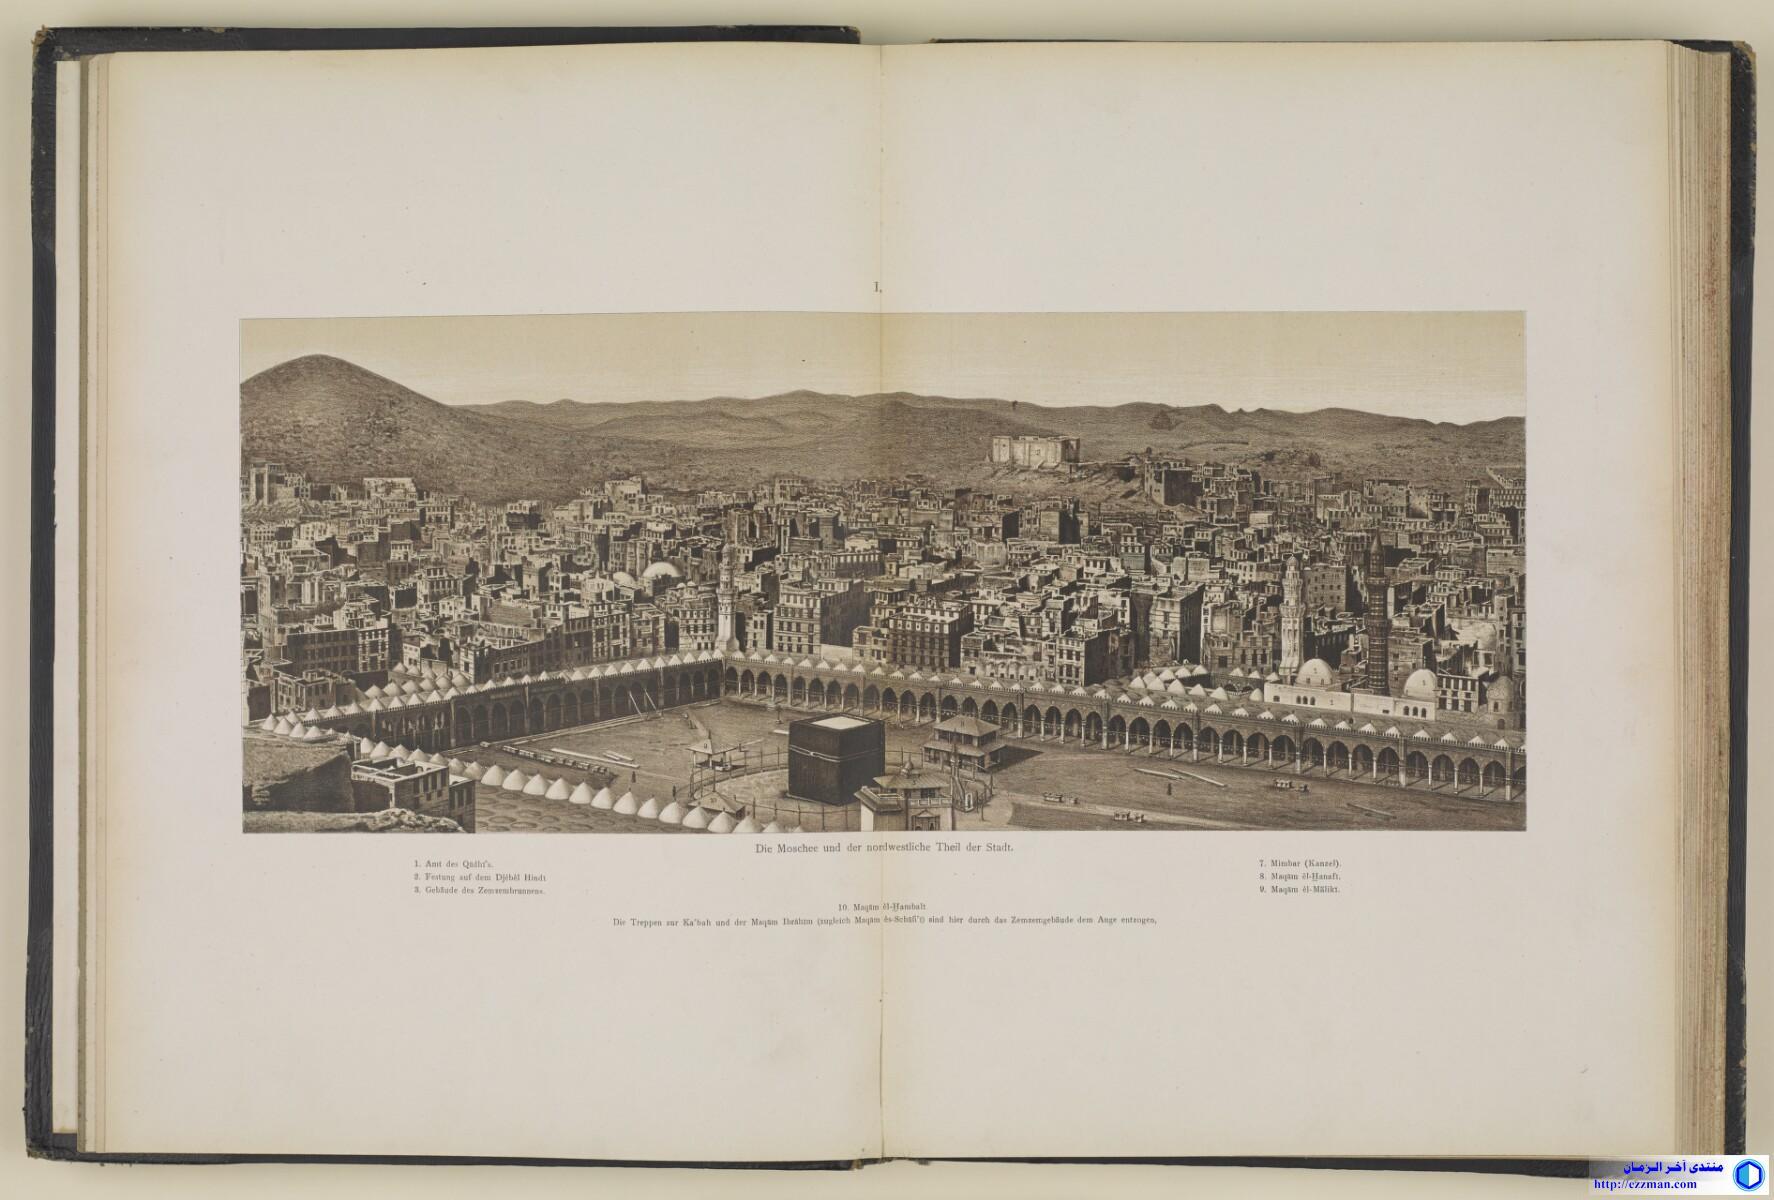 تاريخية لمكة المكرمة (1884م-1889م